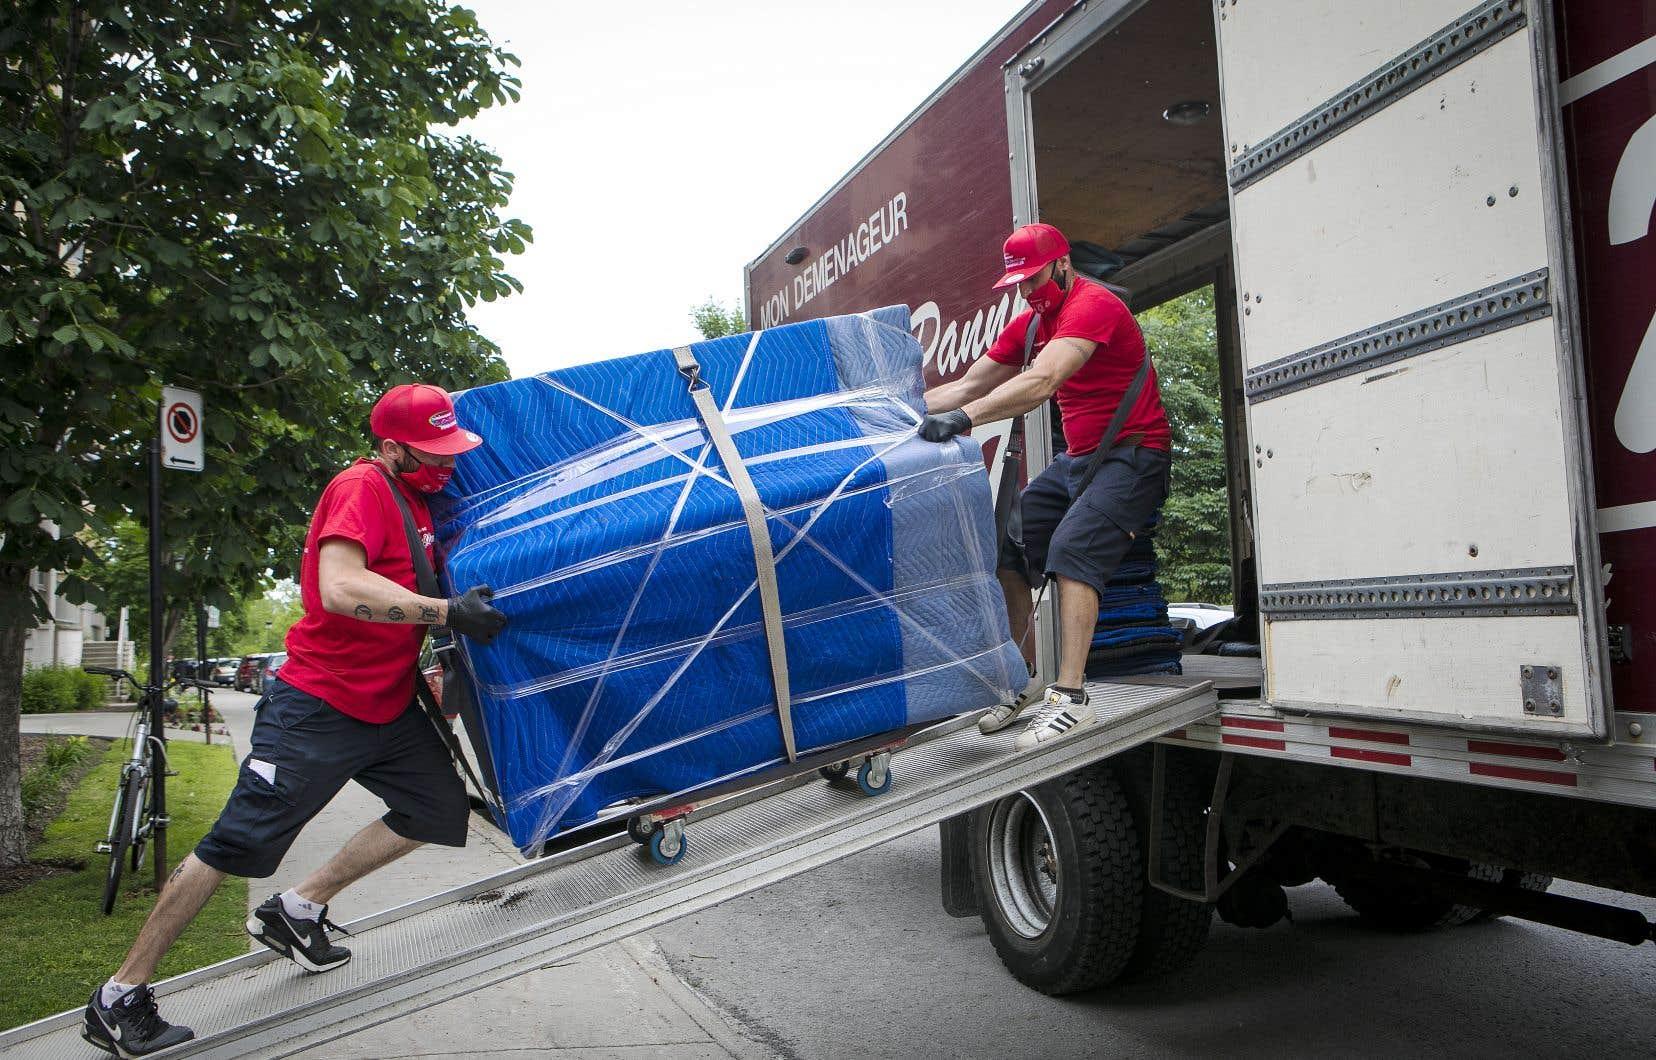 Désignées comme un service essentiel au début de la crise, les compagnies de déménagement ont dû rapidement adopter des mesures sanitaires pour protéger leurs déménageurs ainsi que les clients.